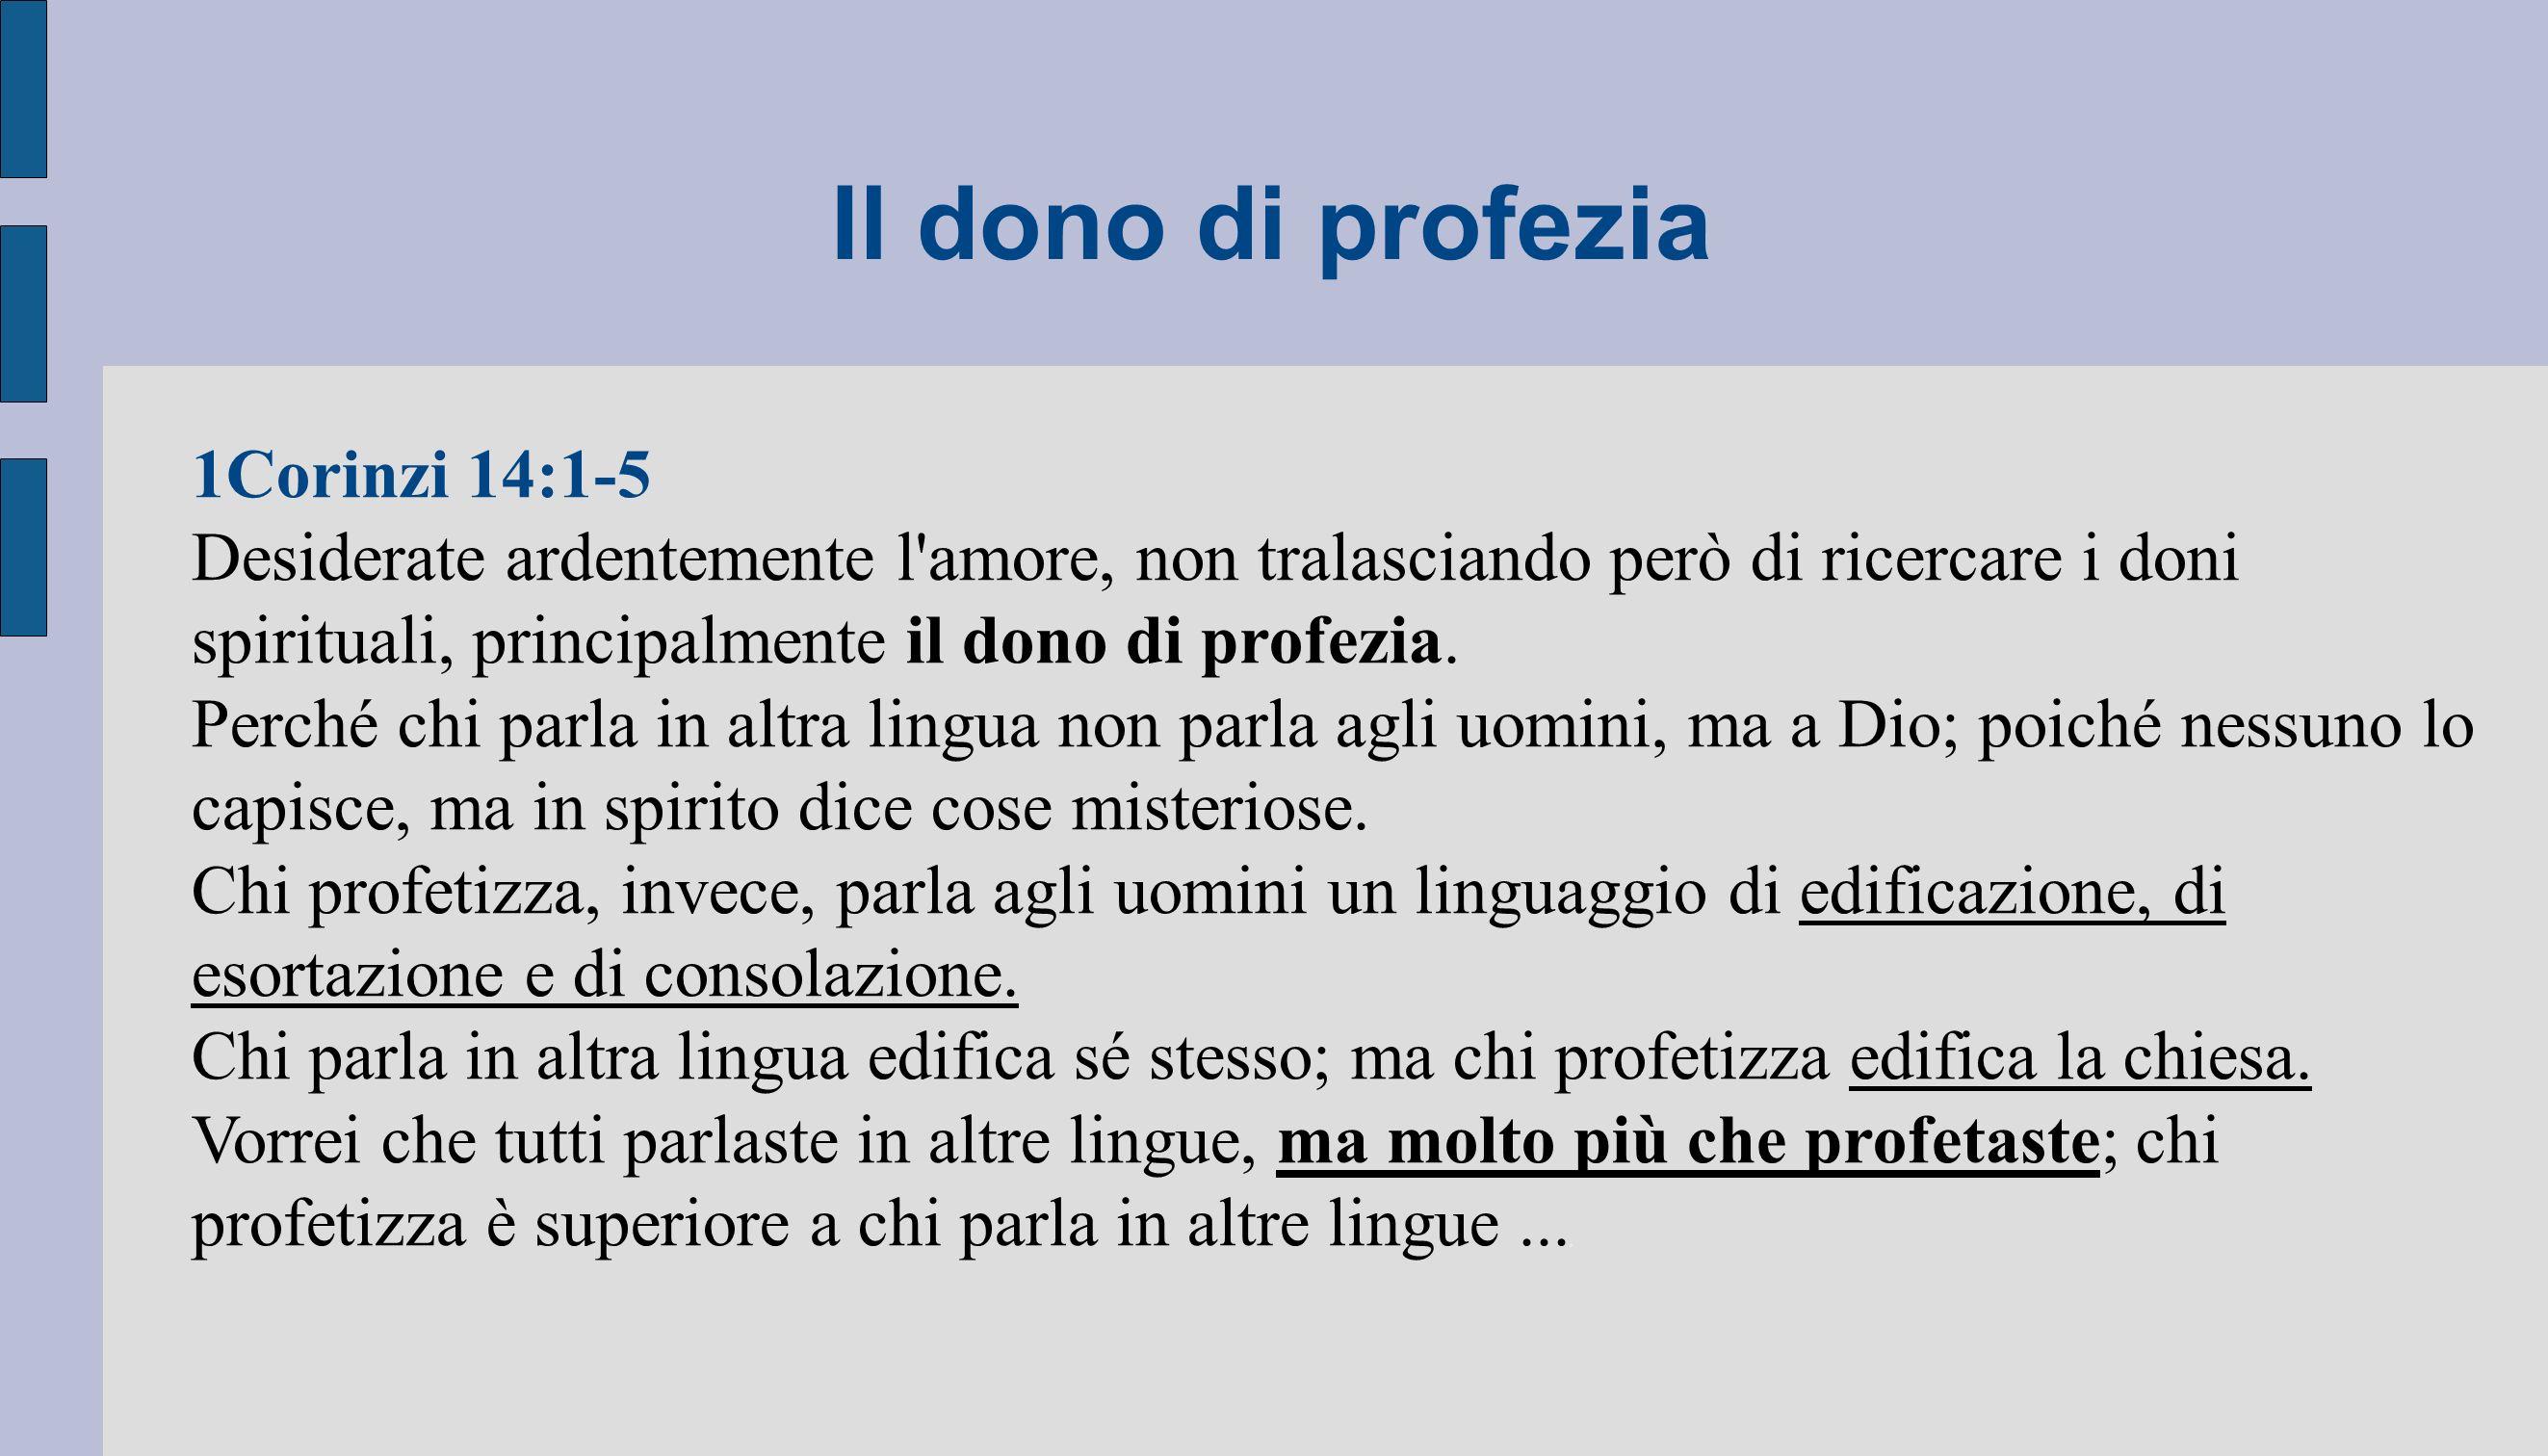 Il dono di profezia 1Corinzi 14:1-5